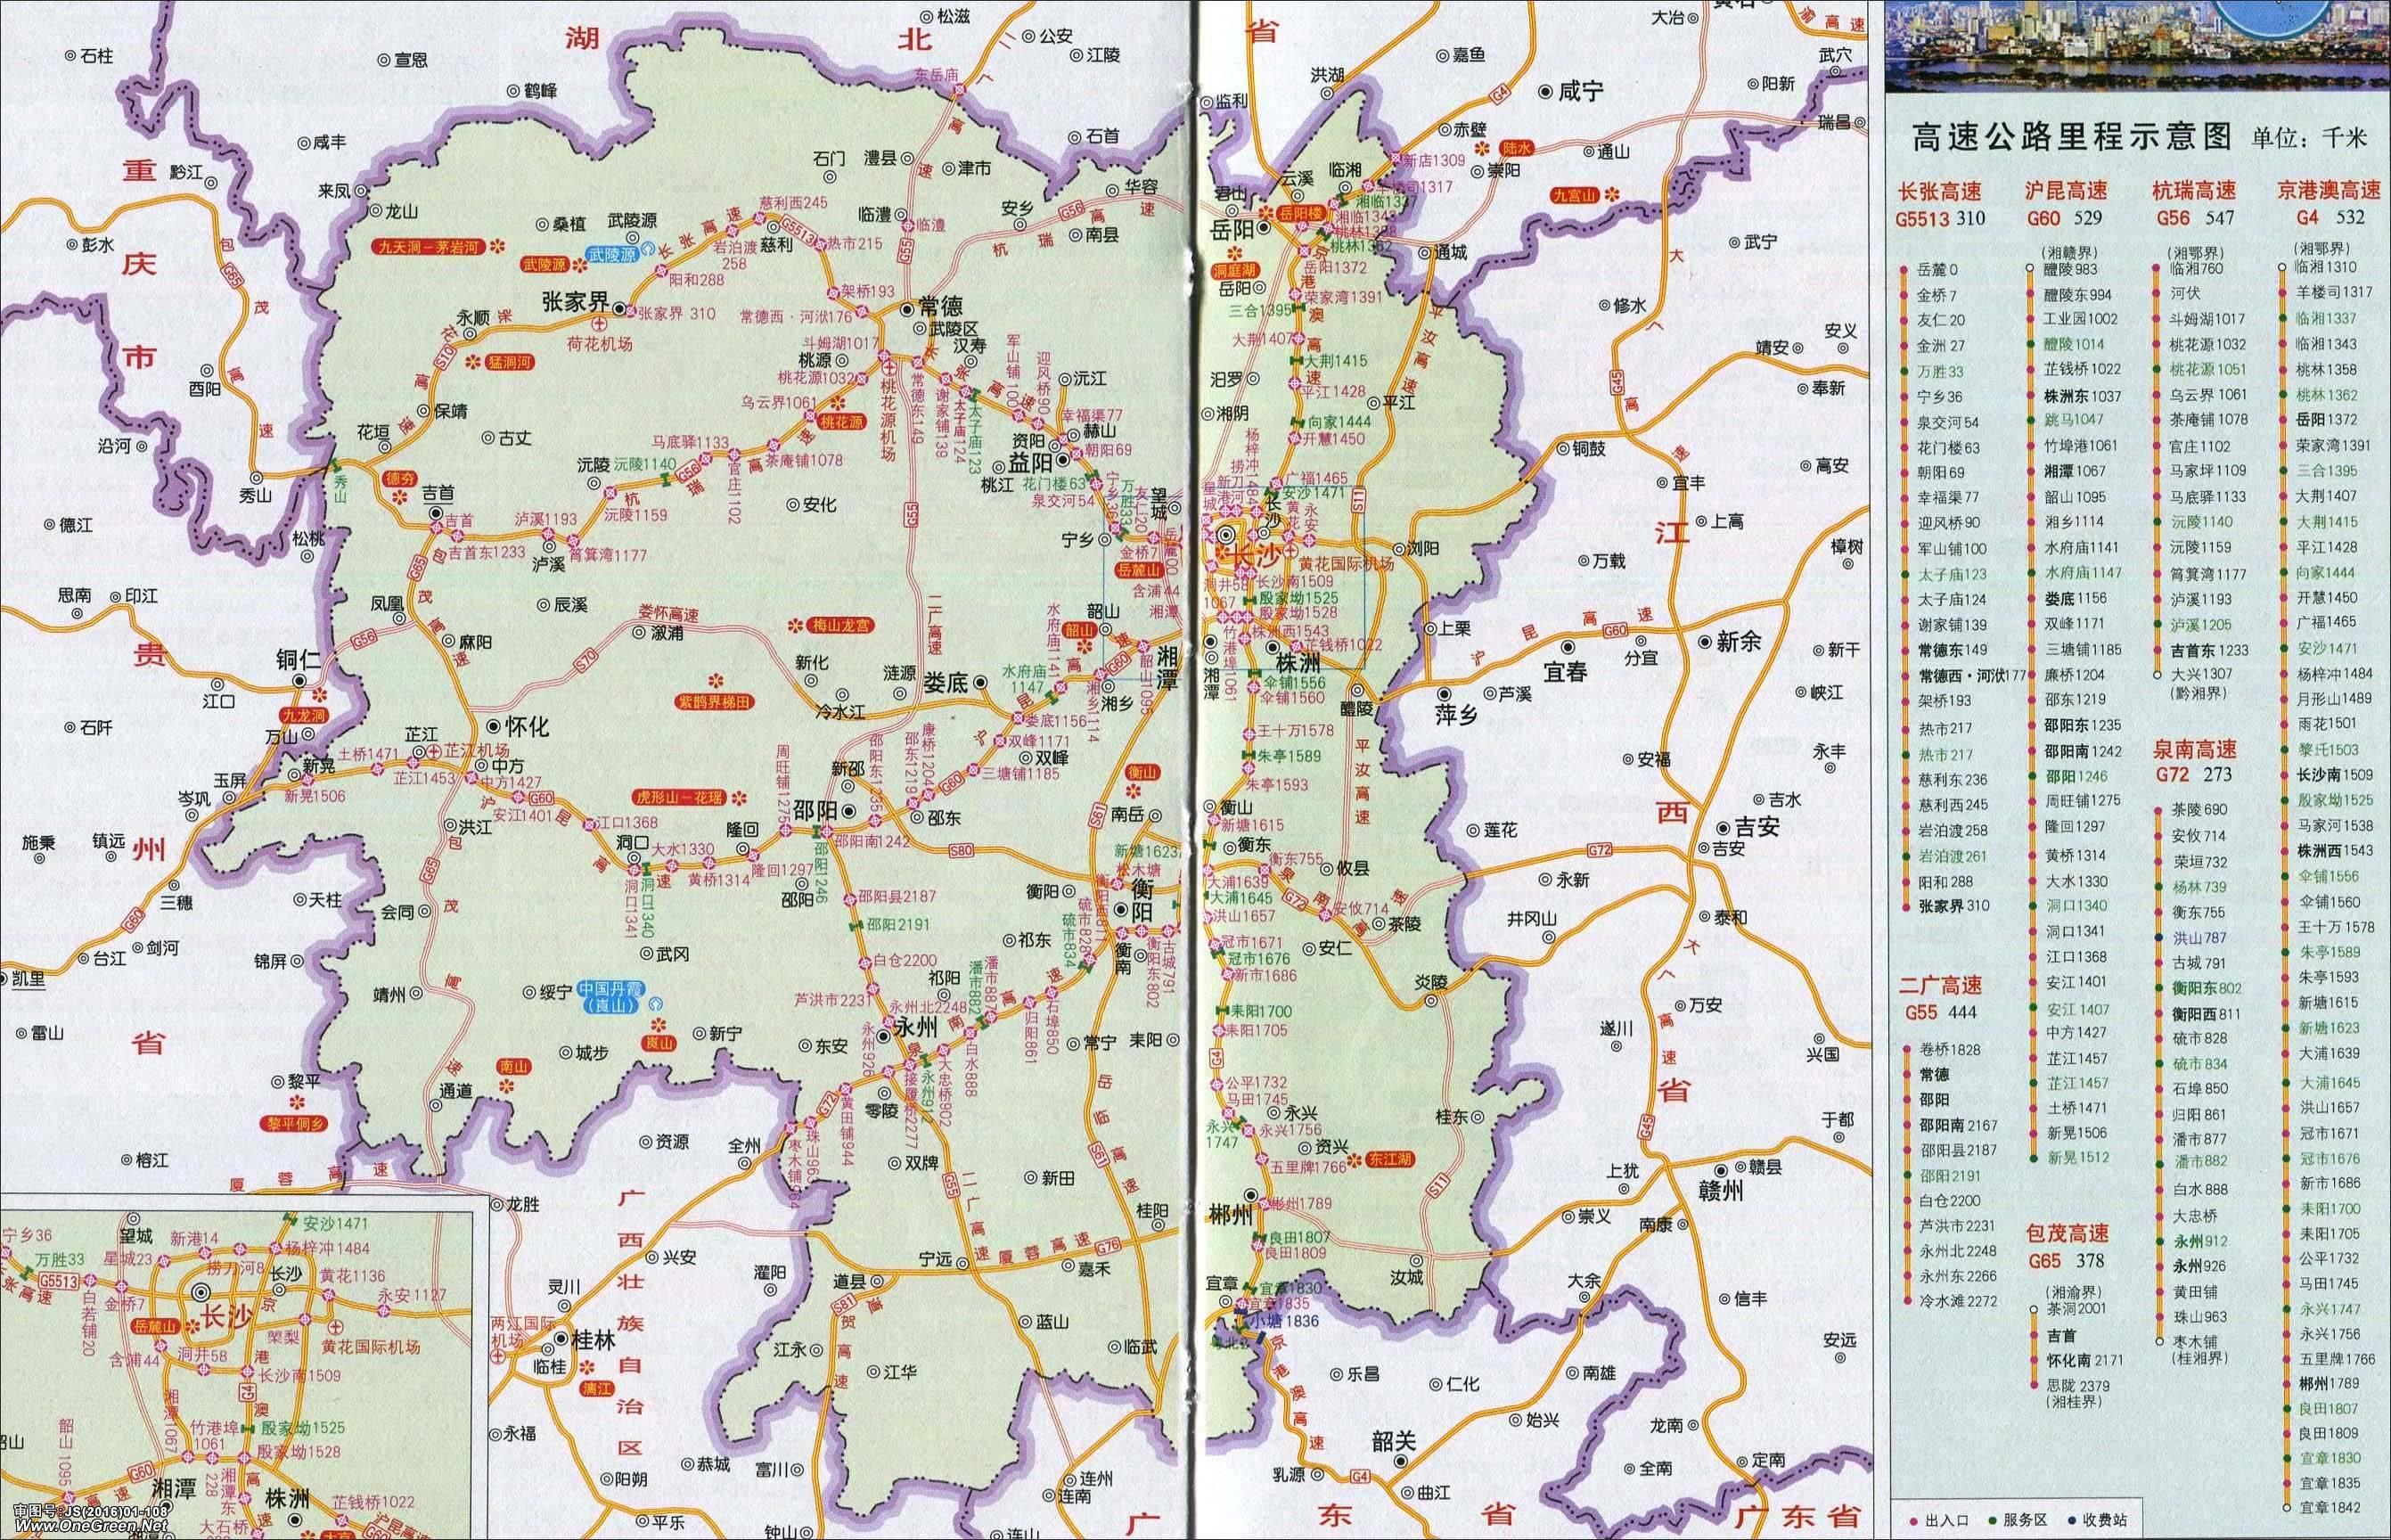 湖南高速公路地图高清版